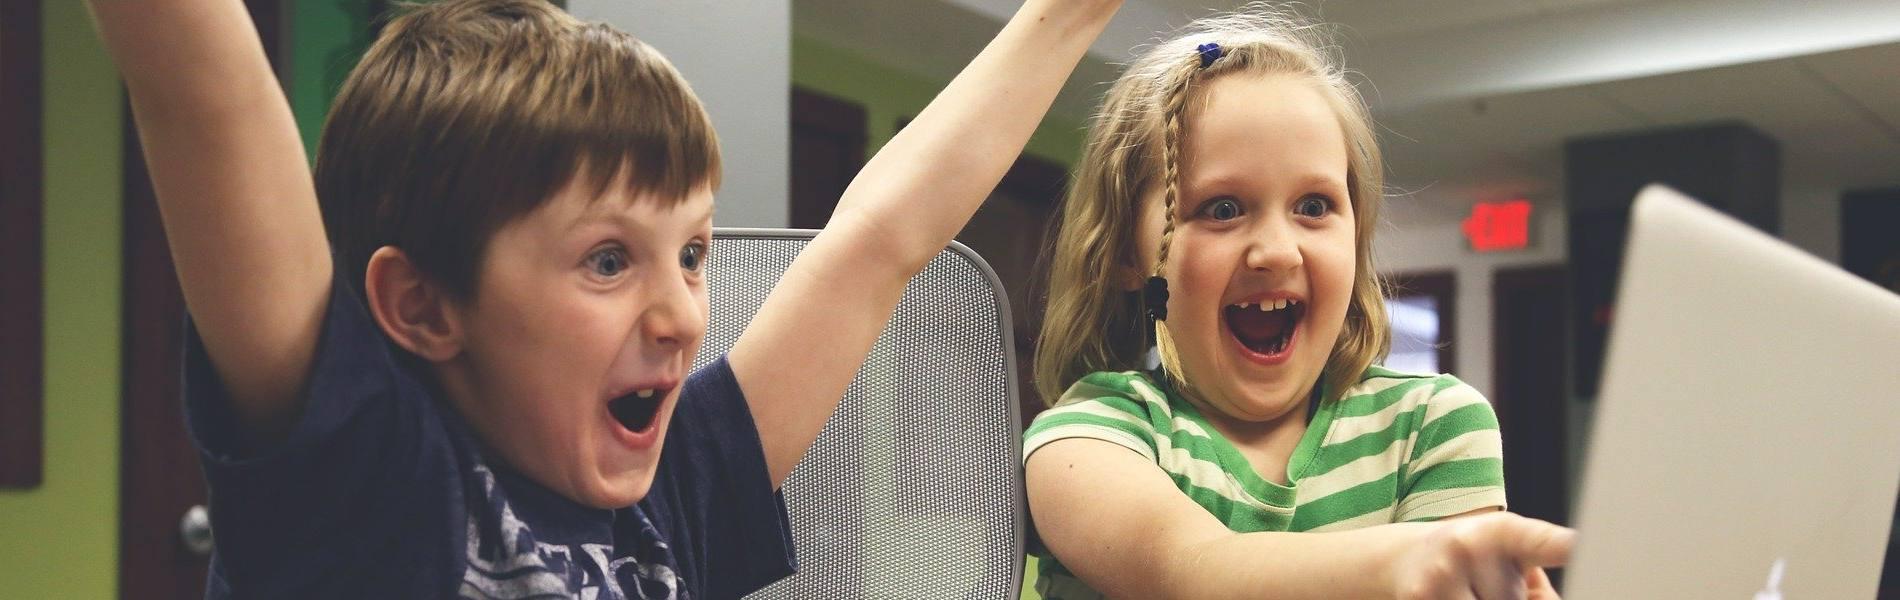 Cómo ayudar a los más pequeños con el e-learning durante el coronavirus